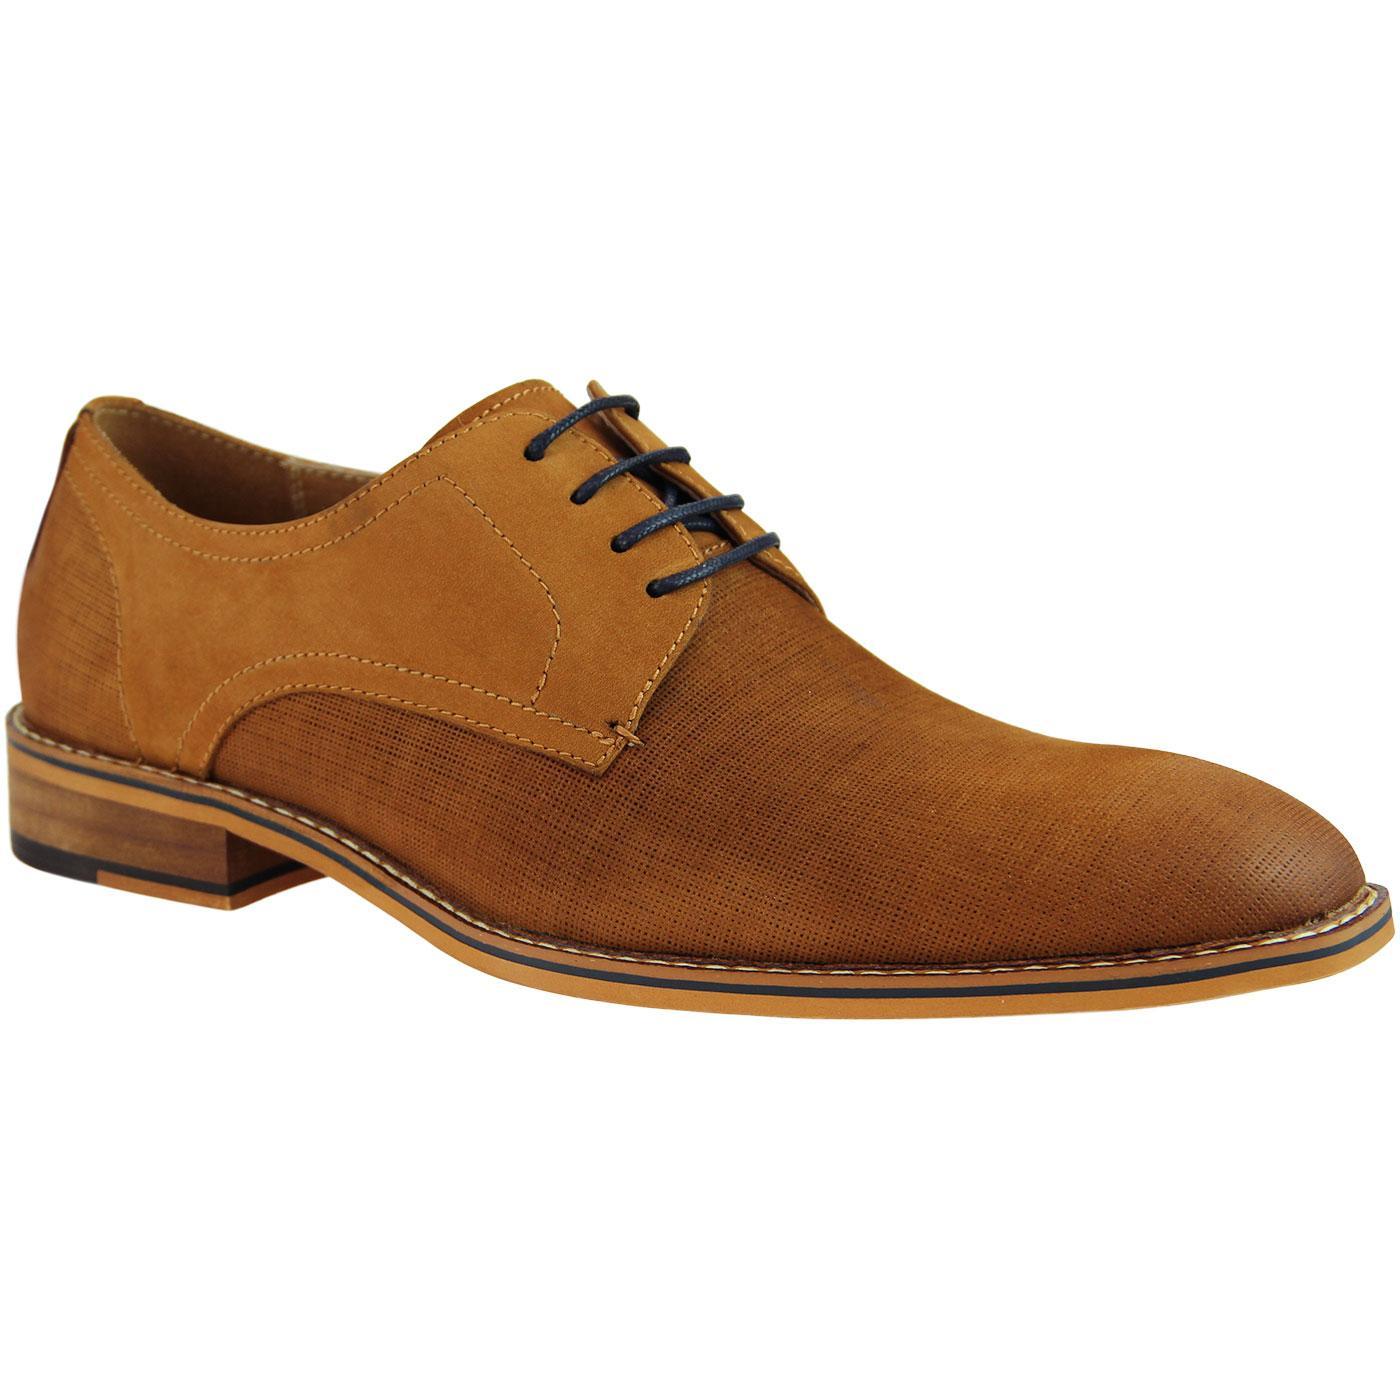 Cedric SERGIO DULETTI Micro Weave Derby Shoes TAN